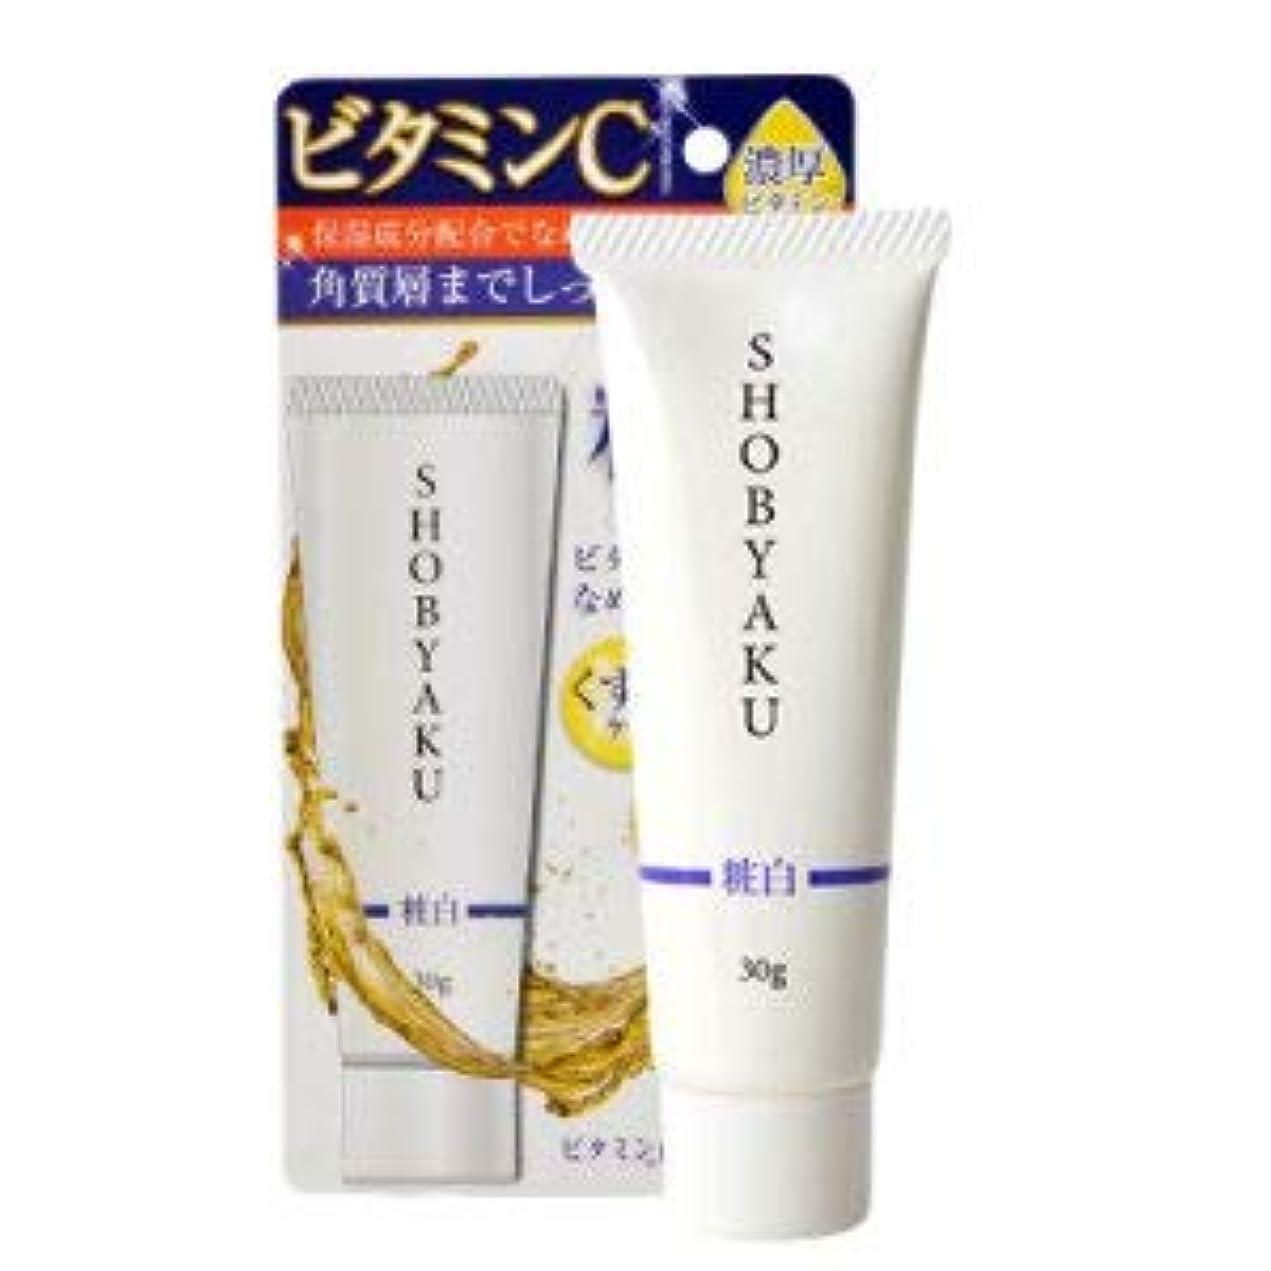 酸度池熱帯の粧白ビタミン配合クリーム